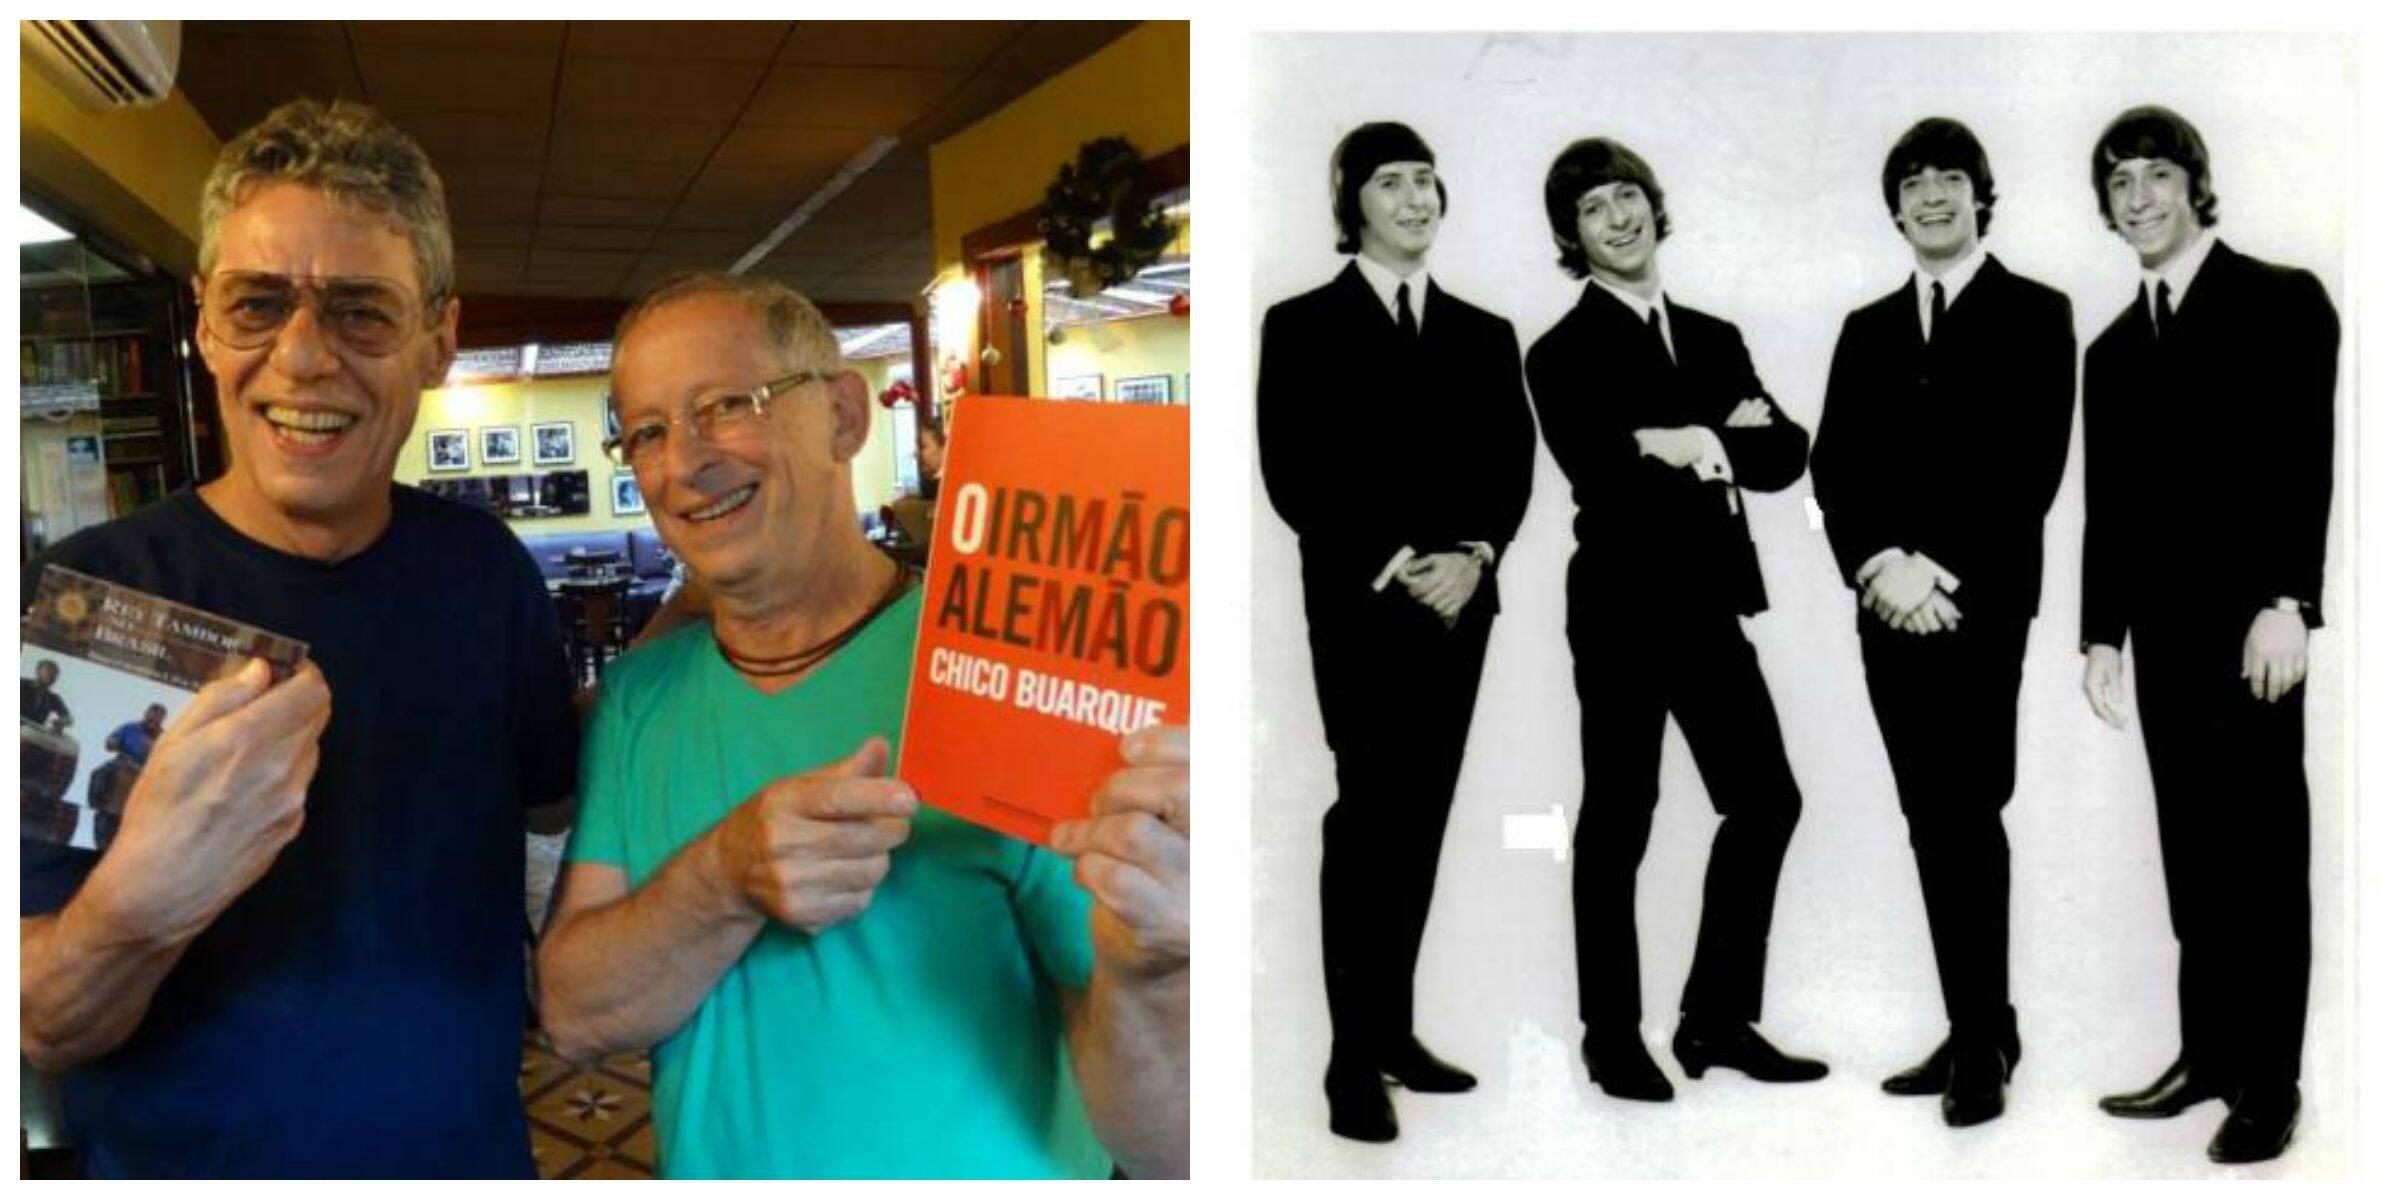 No alto, Chico Buarque relembra uma boa história com Fattoruso e morre de rir; a equipe em gravação com Milton Nascimento; acima, à esquerda, Chico e Fattoruso, em dezembro do ano passado; Hugo Fattoruso é o segundo da esquerda para a direita, no grupo The Shakers, que imitava os Beatles nos anos 60/ Fotos: divulgação